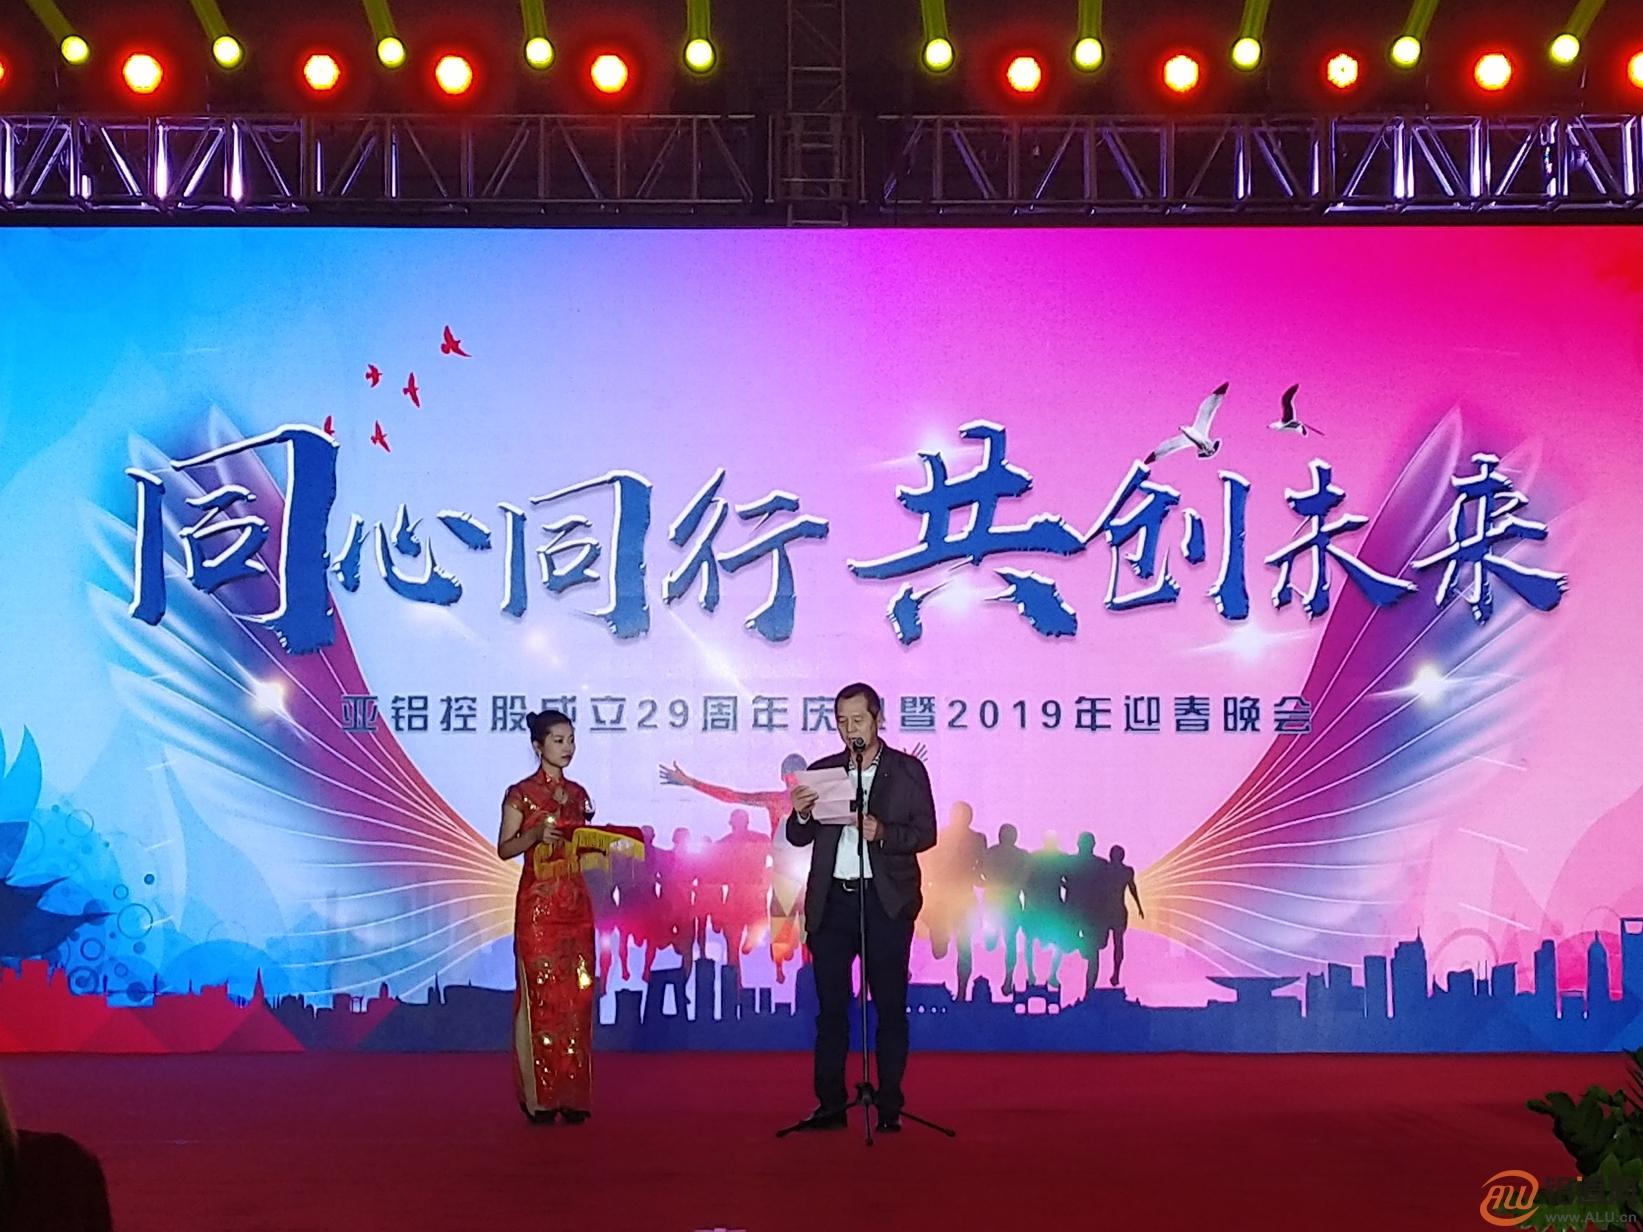 同心同行・共创未来|AAG亚铝迎来29周年庆典